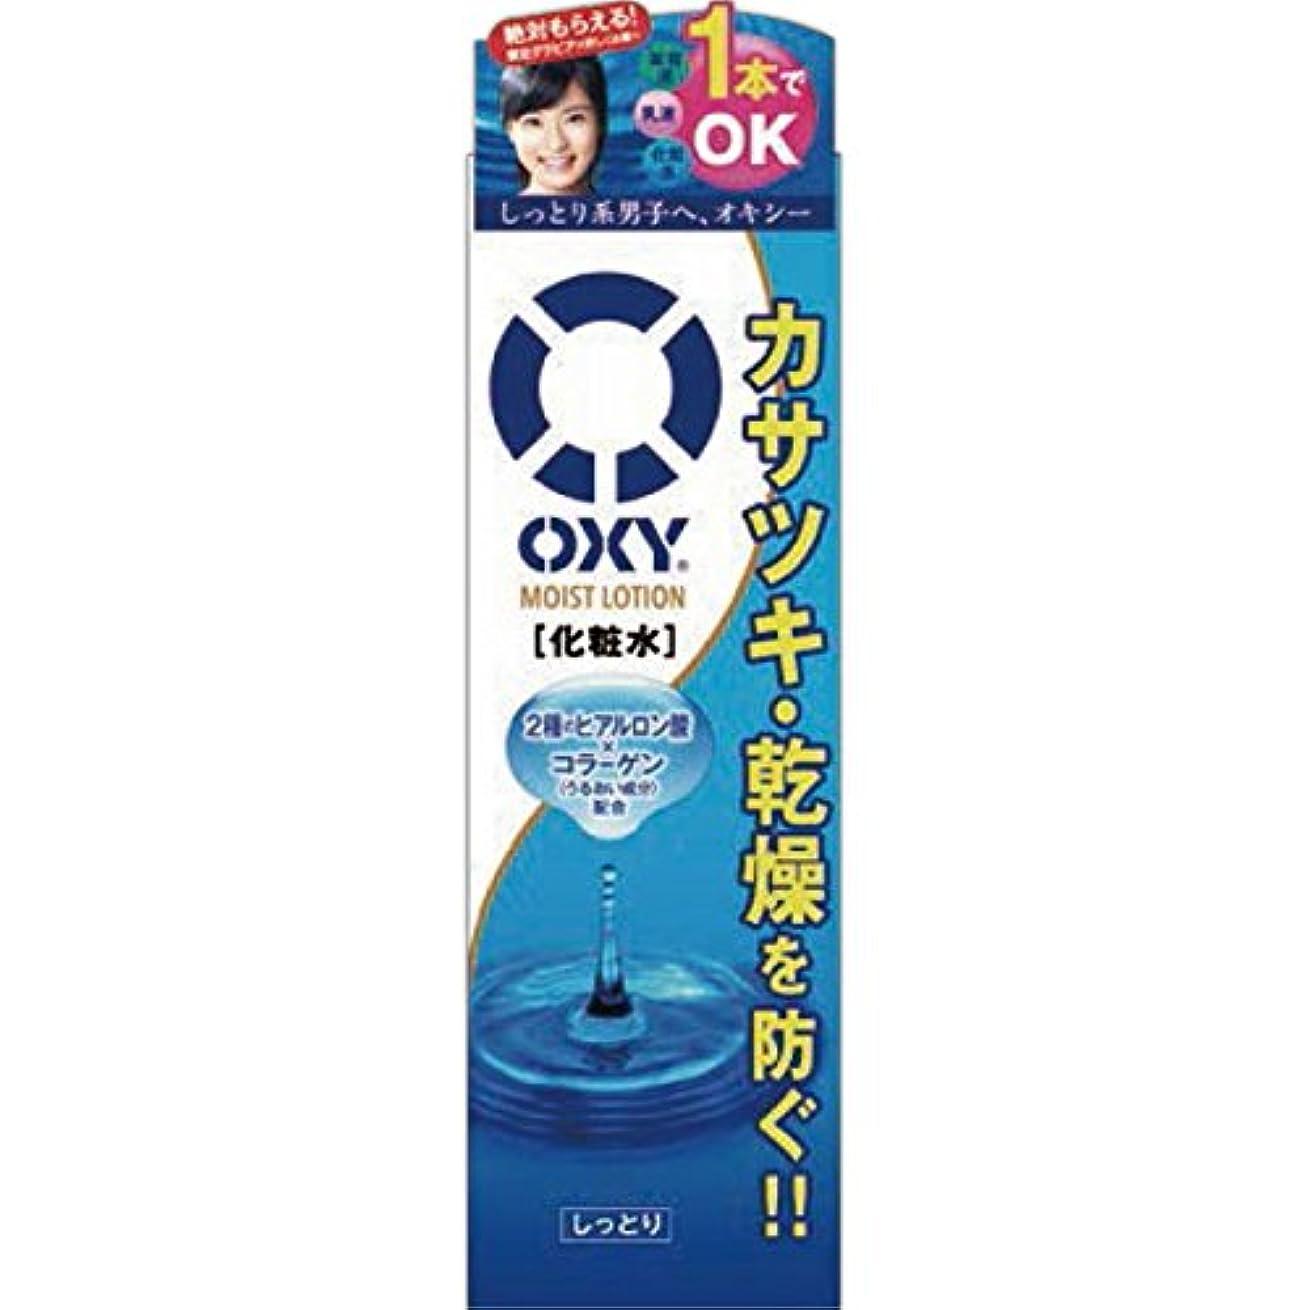 登場指令検索エンジンマーケティングオキシー (Oxy) モイストローション オールインワン化粧水 2種のヒアルロン酸×コラーゲン配合 ゼラニウムの香 170mL